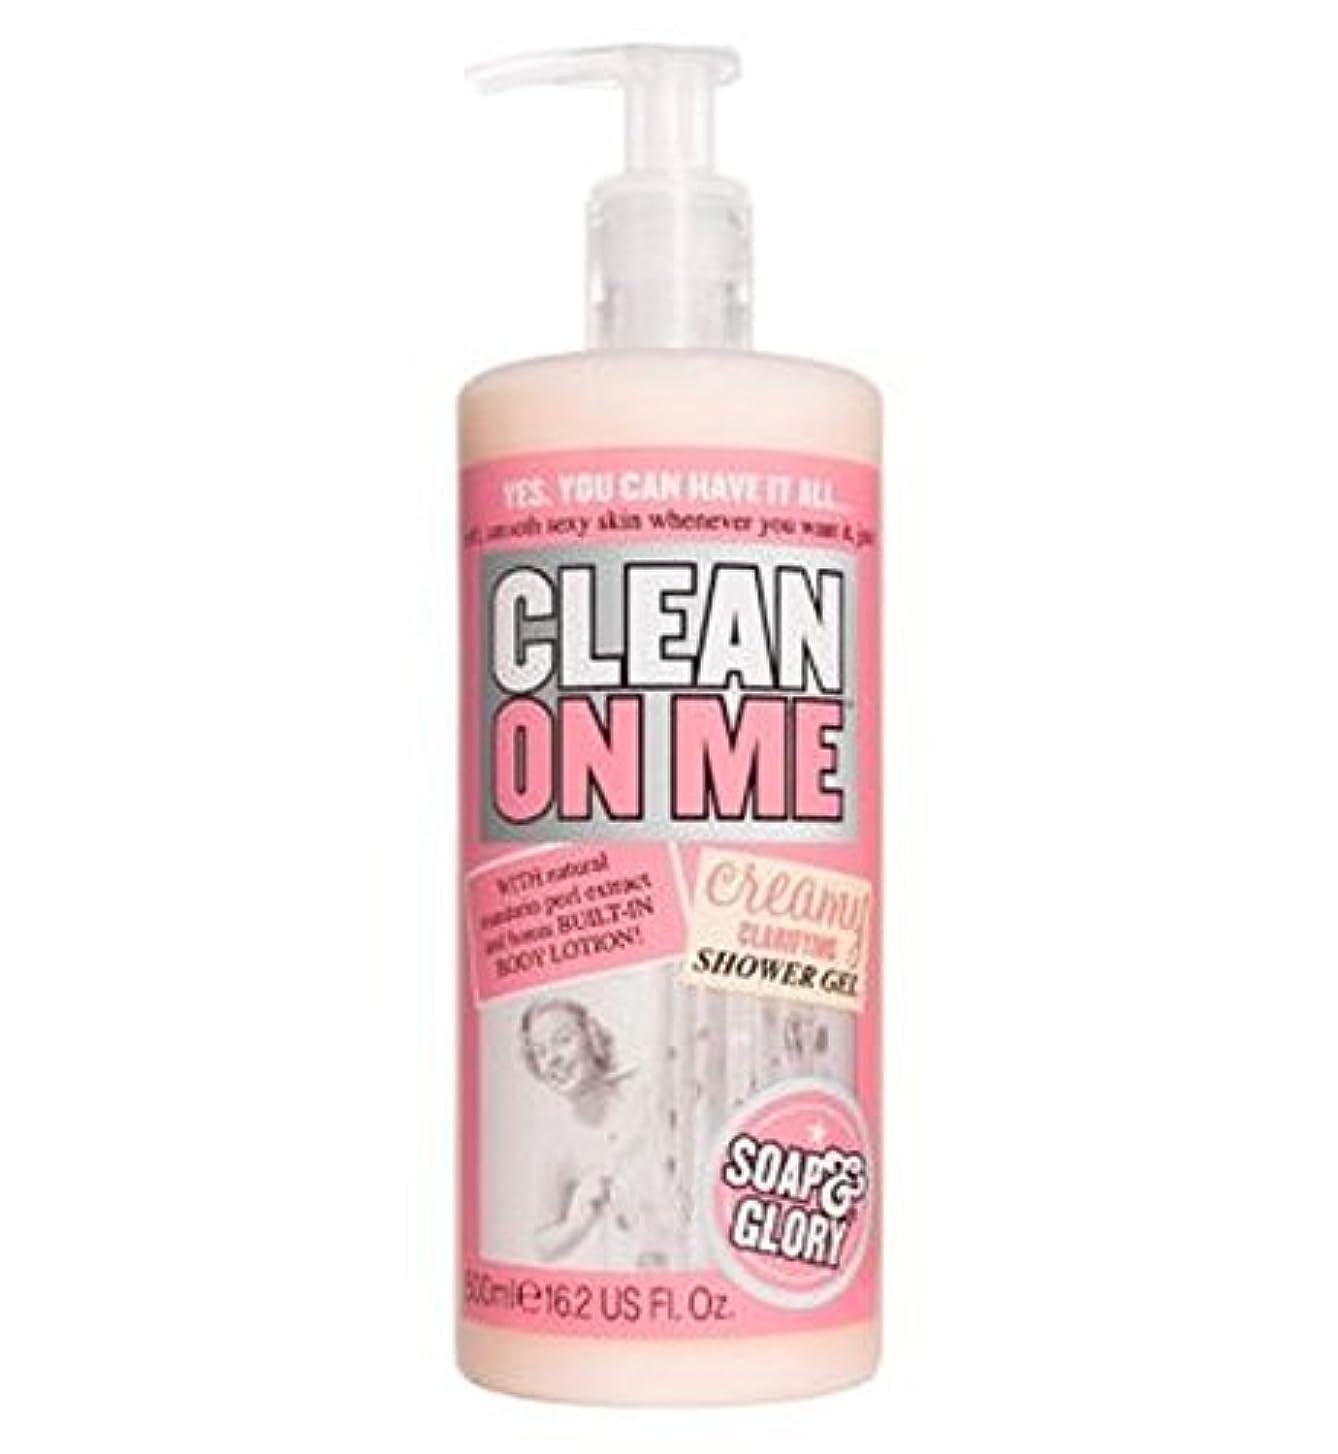 まばたきドロー慢性的私にきれいな石鹸&栄光はシャワージェル500ミリリットルを明確にクリーミー (Soap & Glory) (x2) - Soap & Glory Clean On Me Creamy Clarifying Shower...